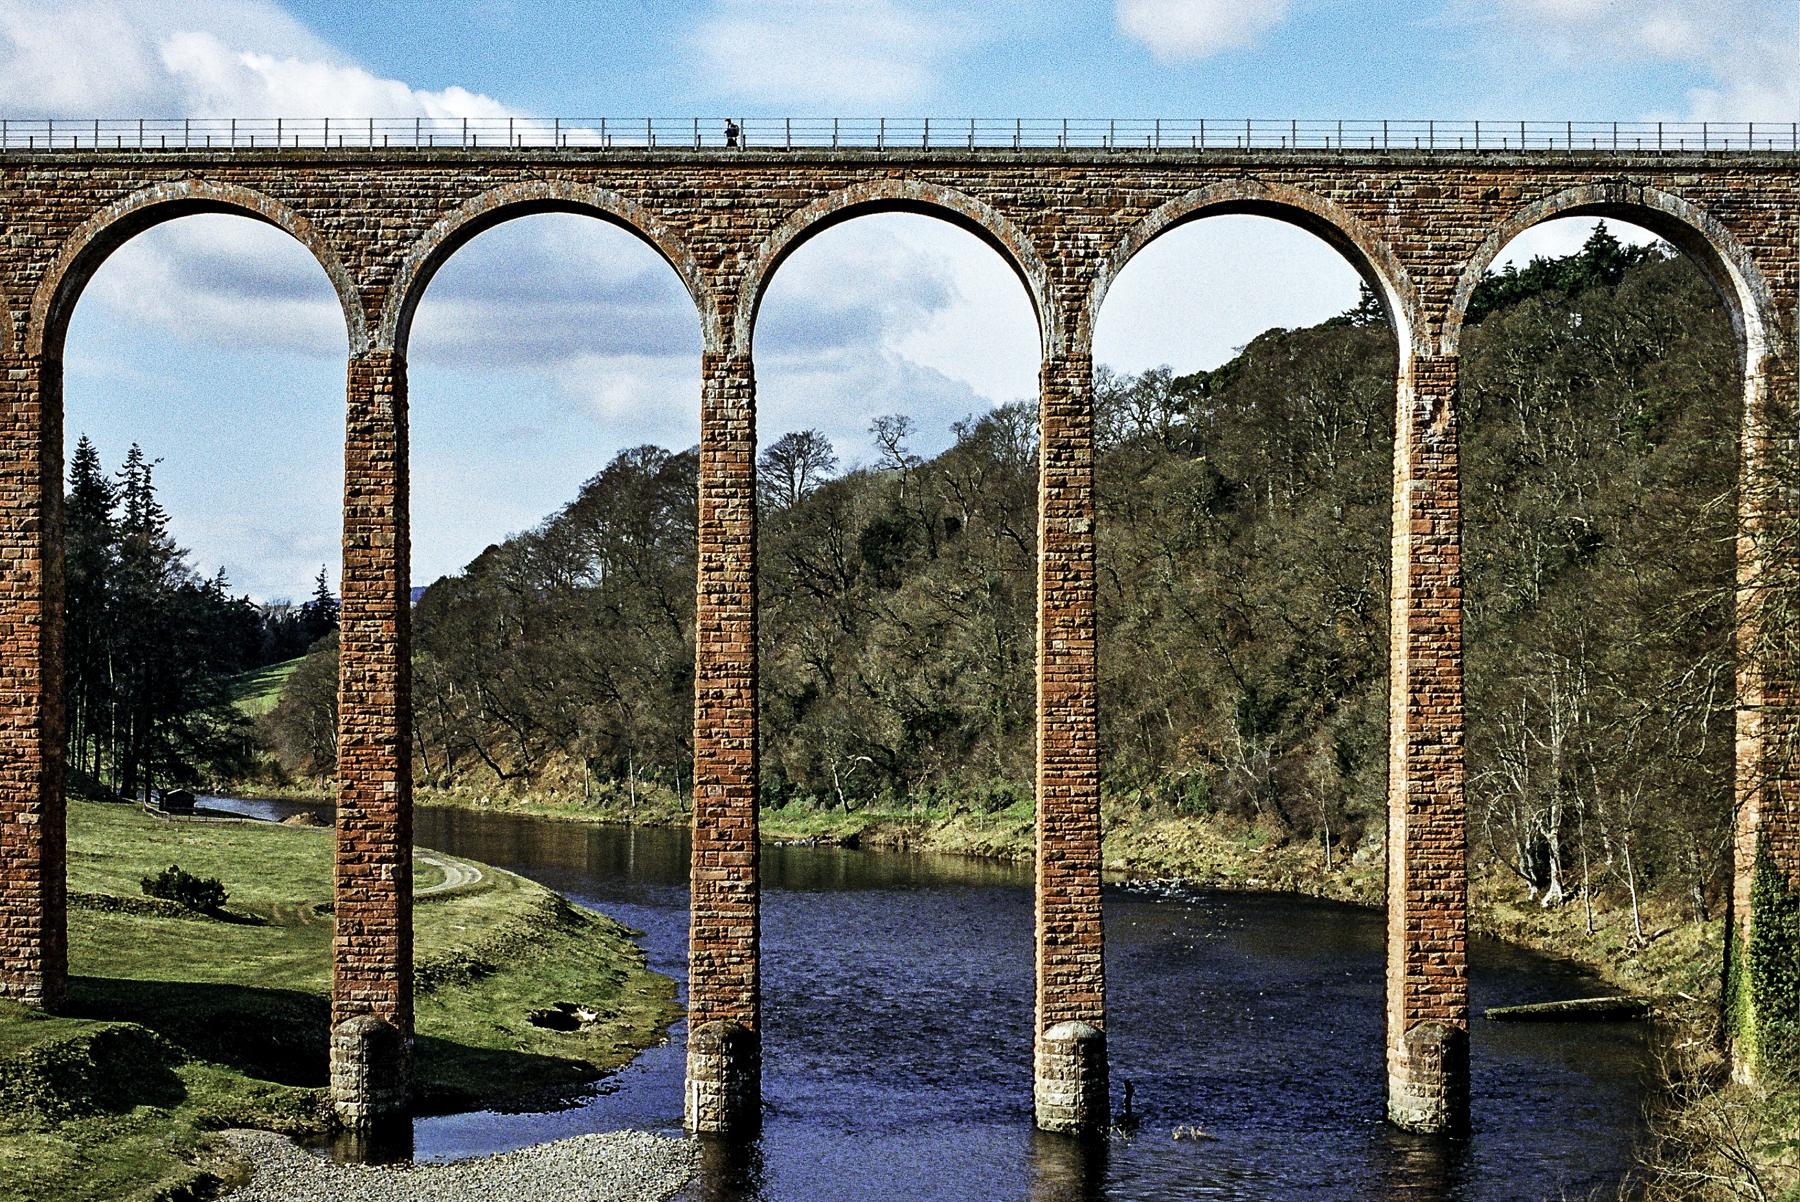 Leaderfoot Bridge, River Tweed, Melrose